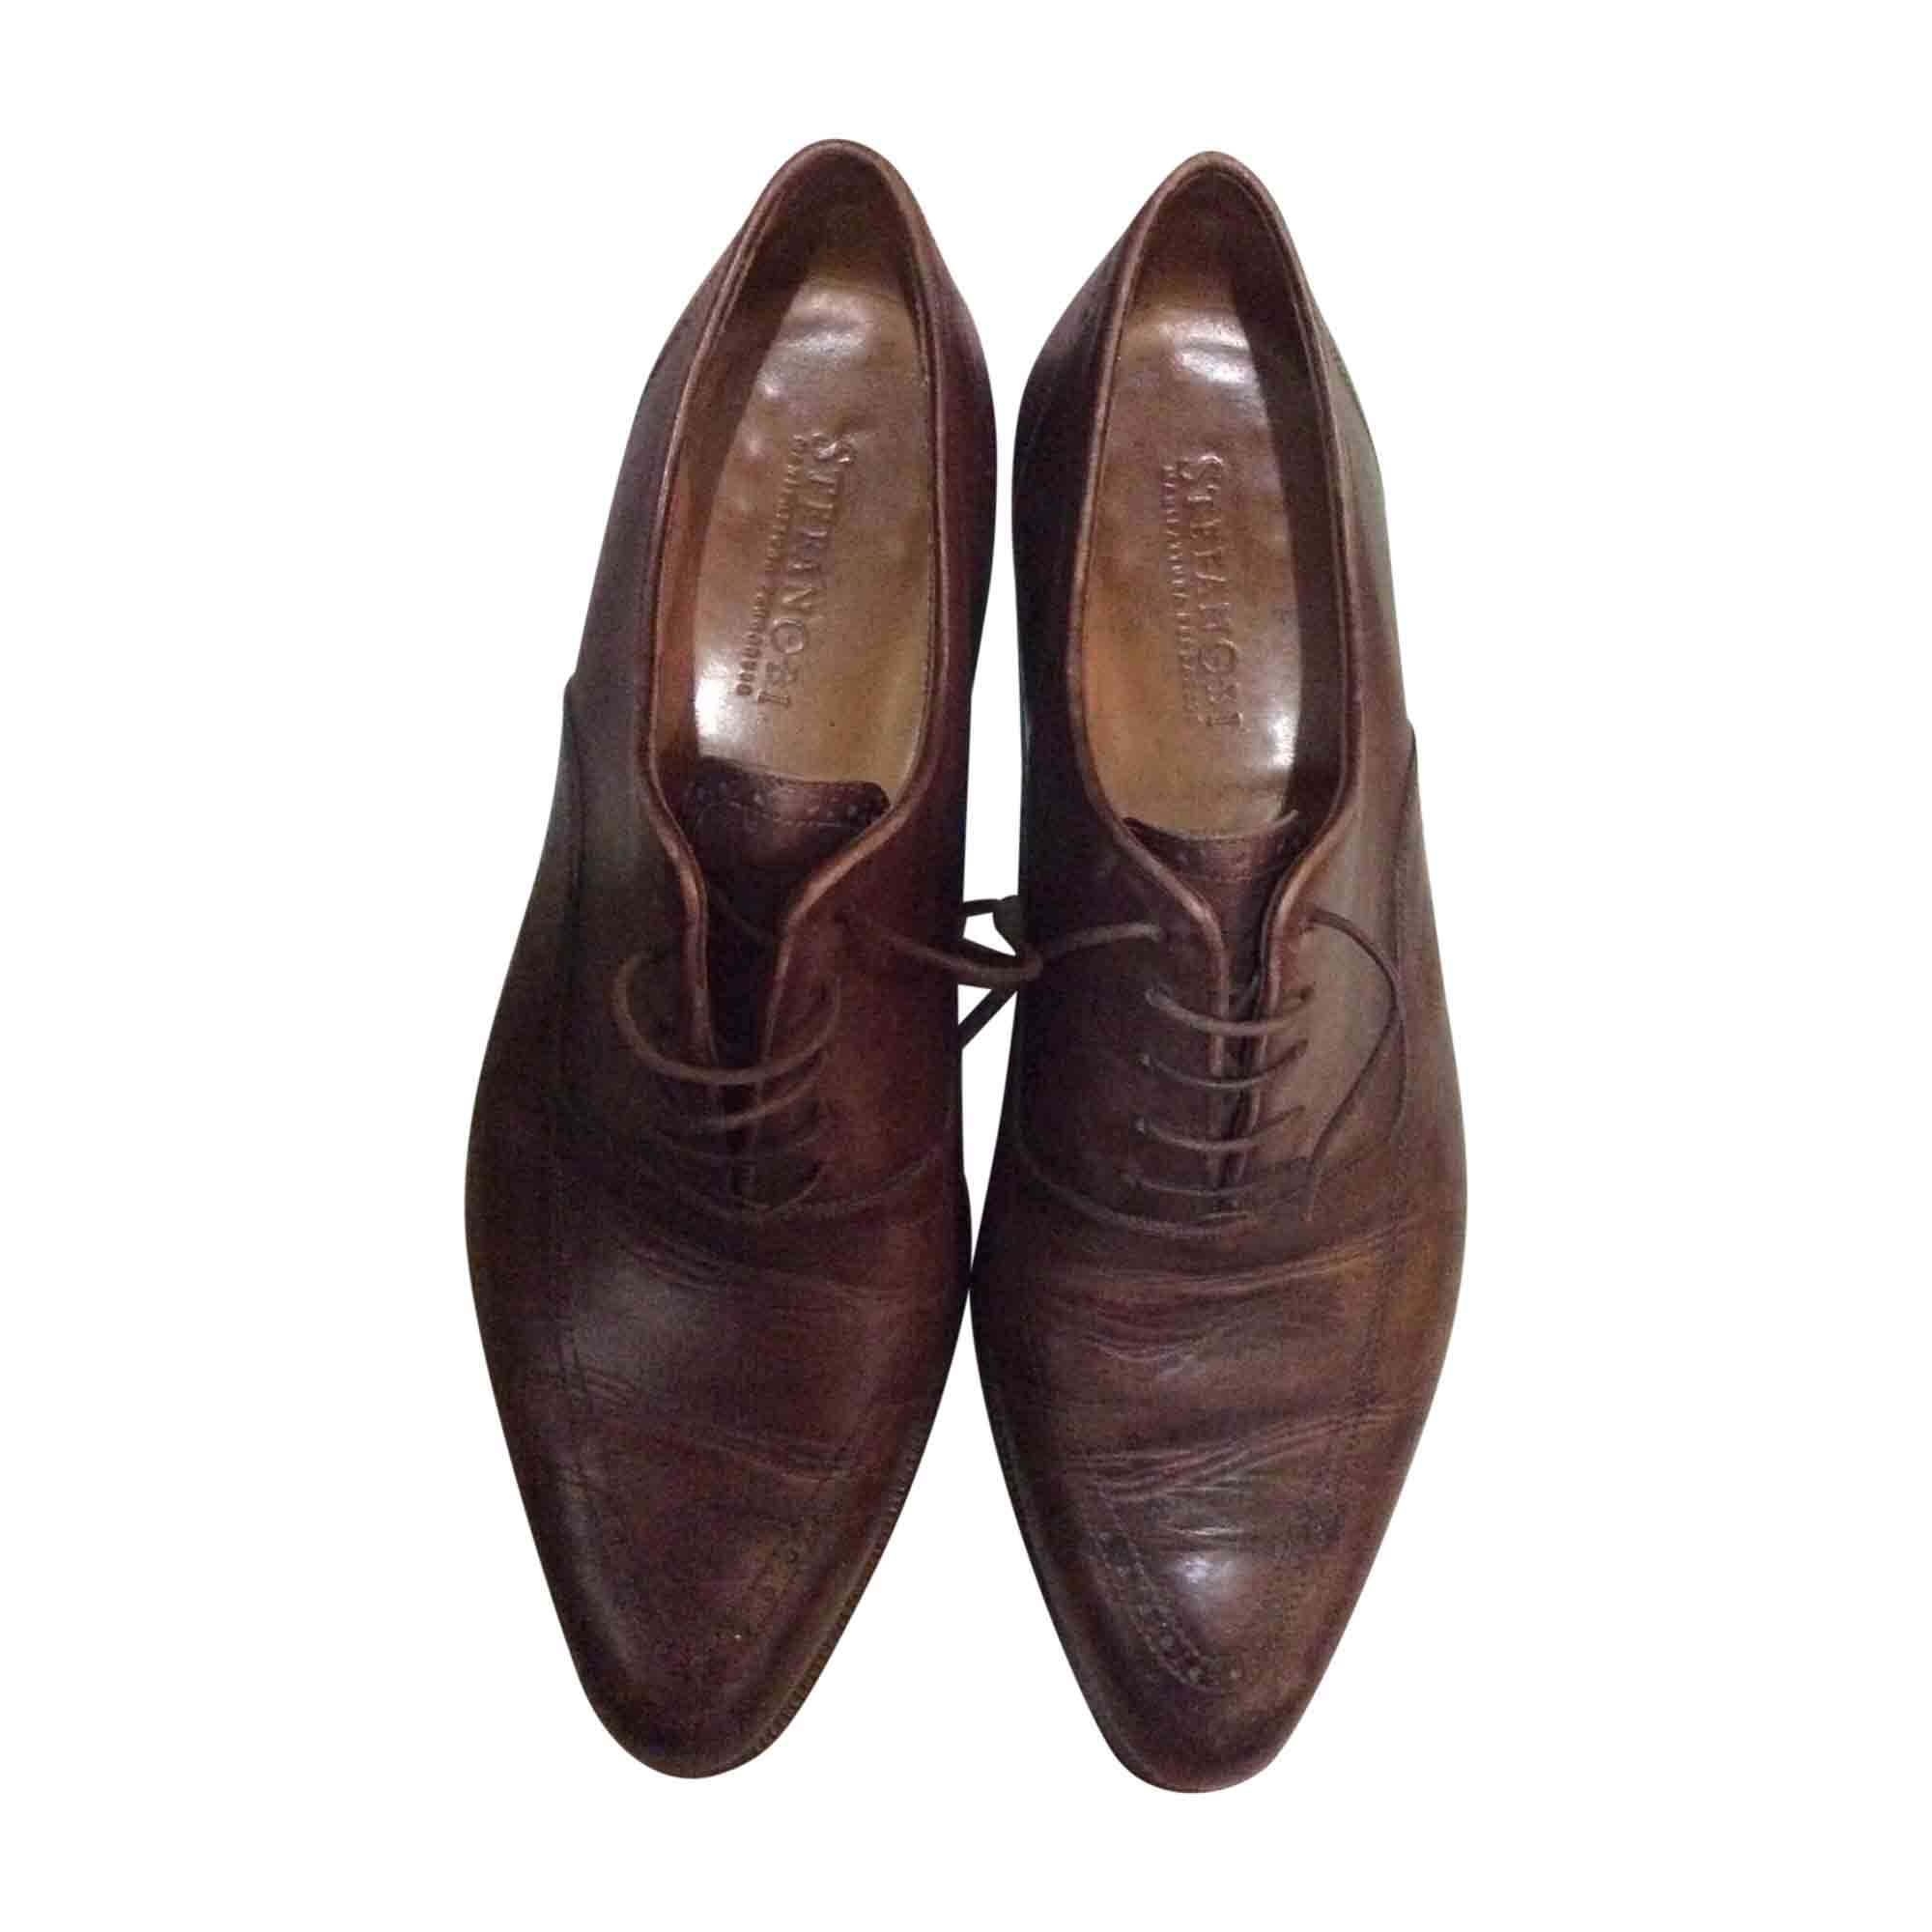 498bddc90569 Chaussures à lacets STEFANOBI 42 marron - 7007309